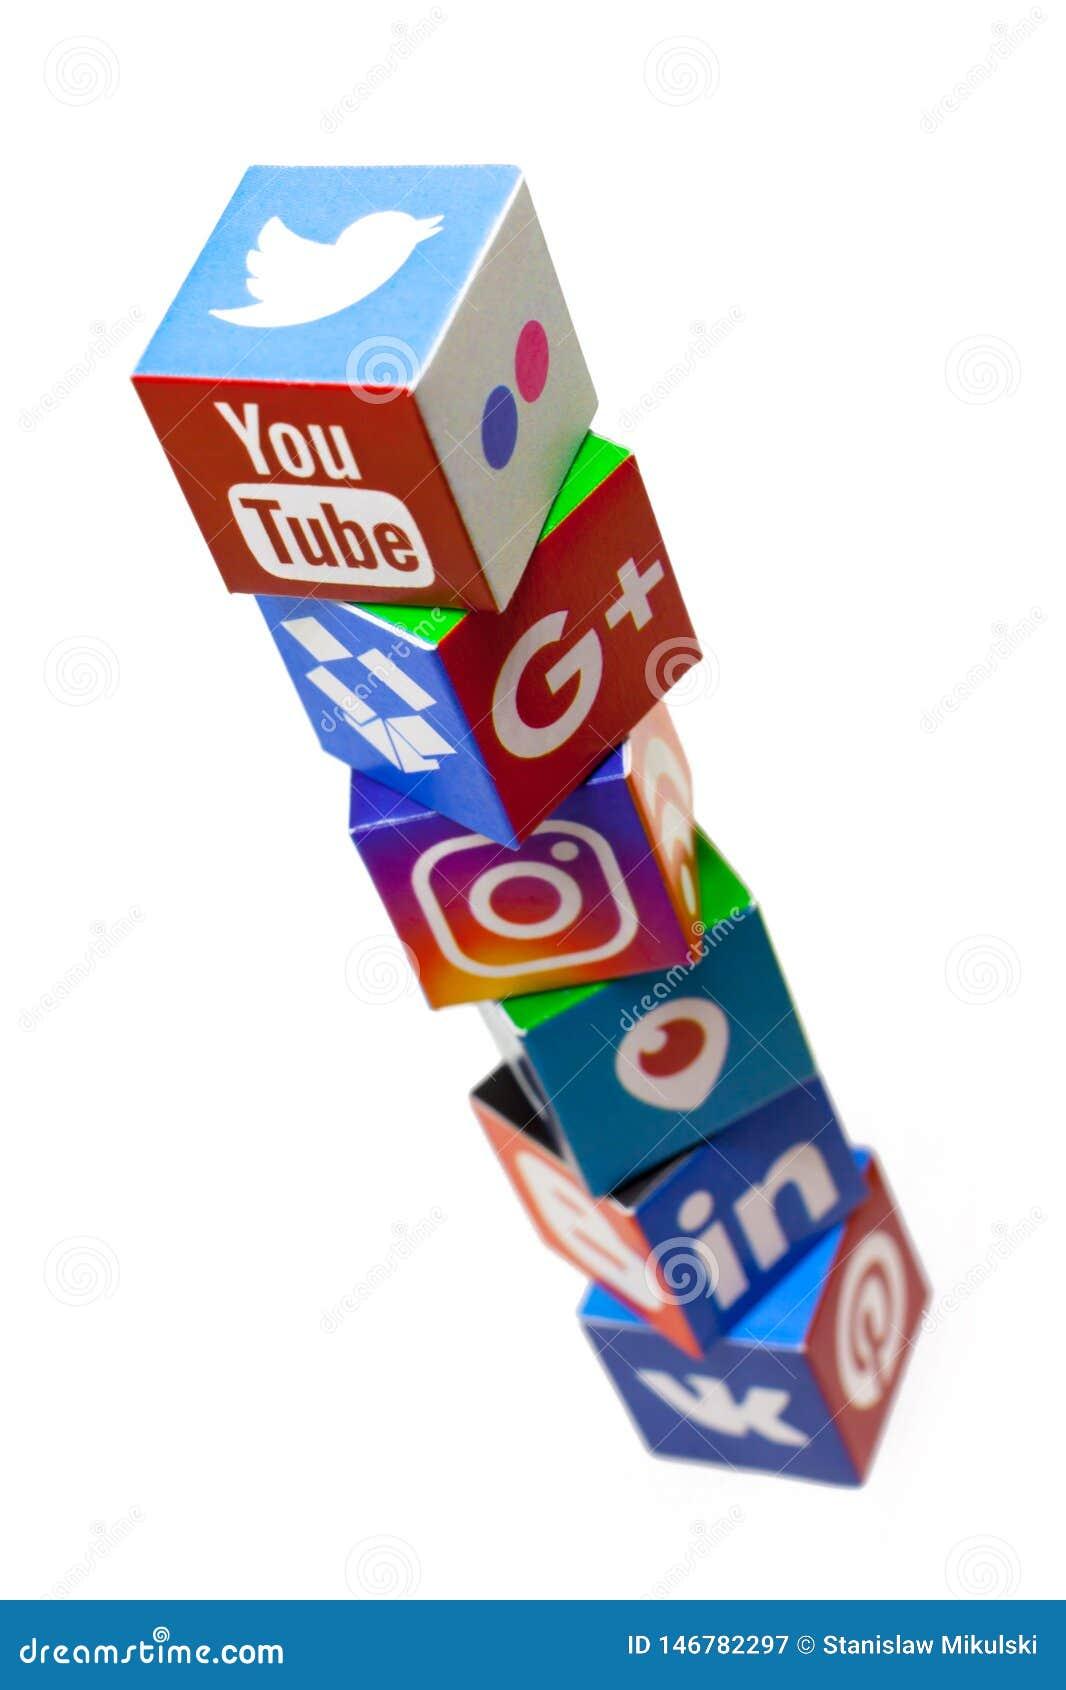 KAZÁN, RUSIA - 20 de diciembre de 2017: Cubos de papel con los logotipos sociales populares de los medios